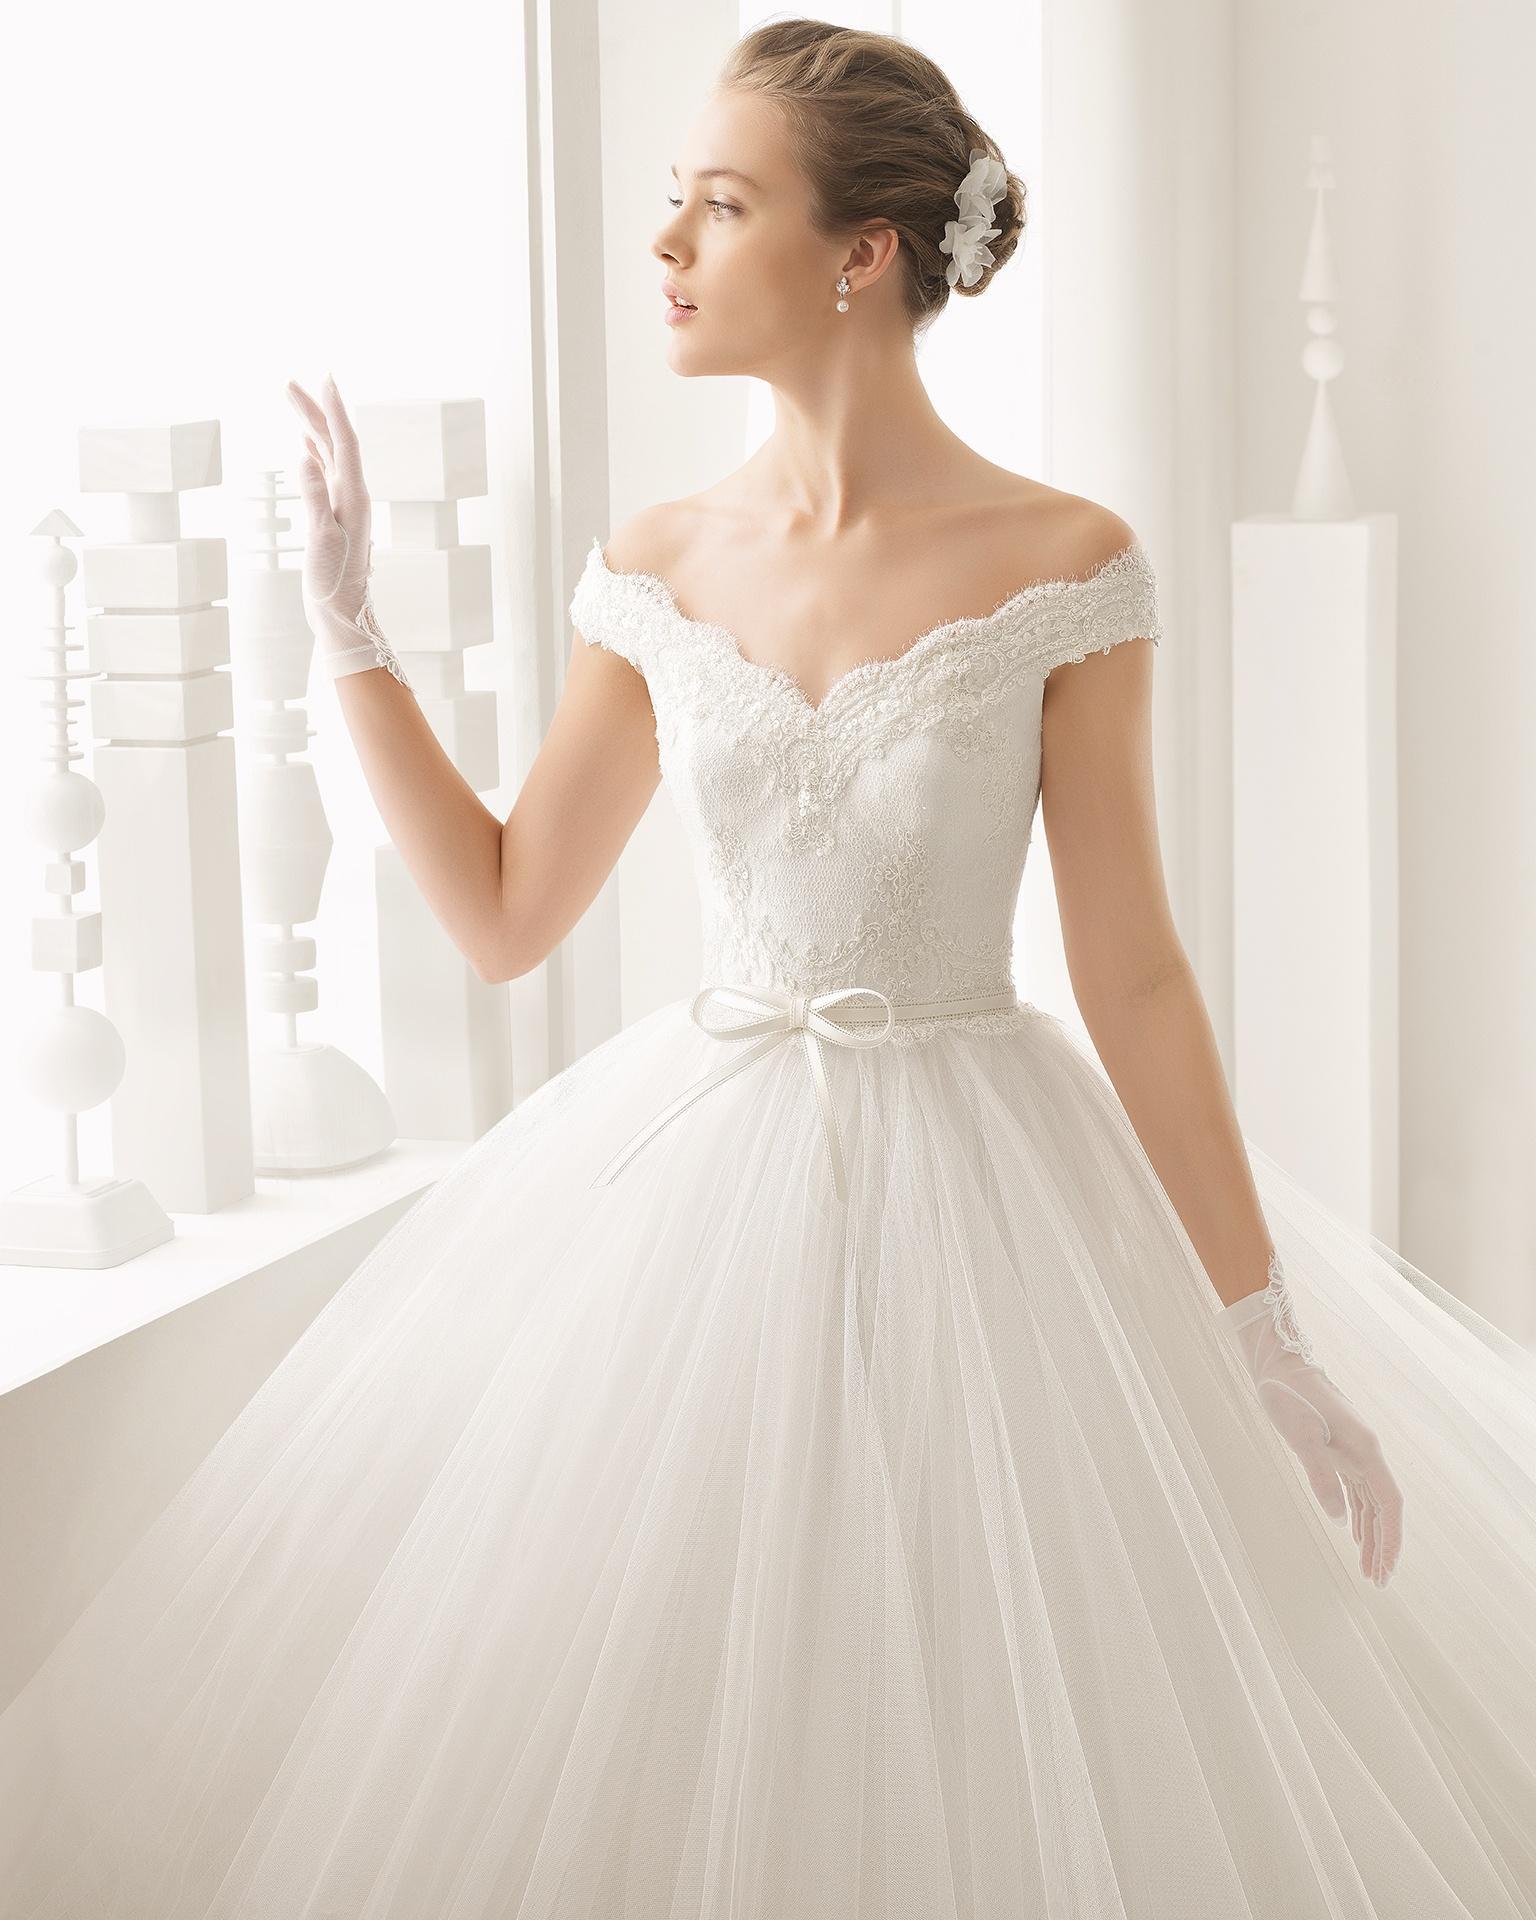 bas prix sortie de gros profitez de la livraison gratuite Les plus belles robes de mariée princesse en 2017